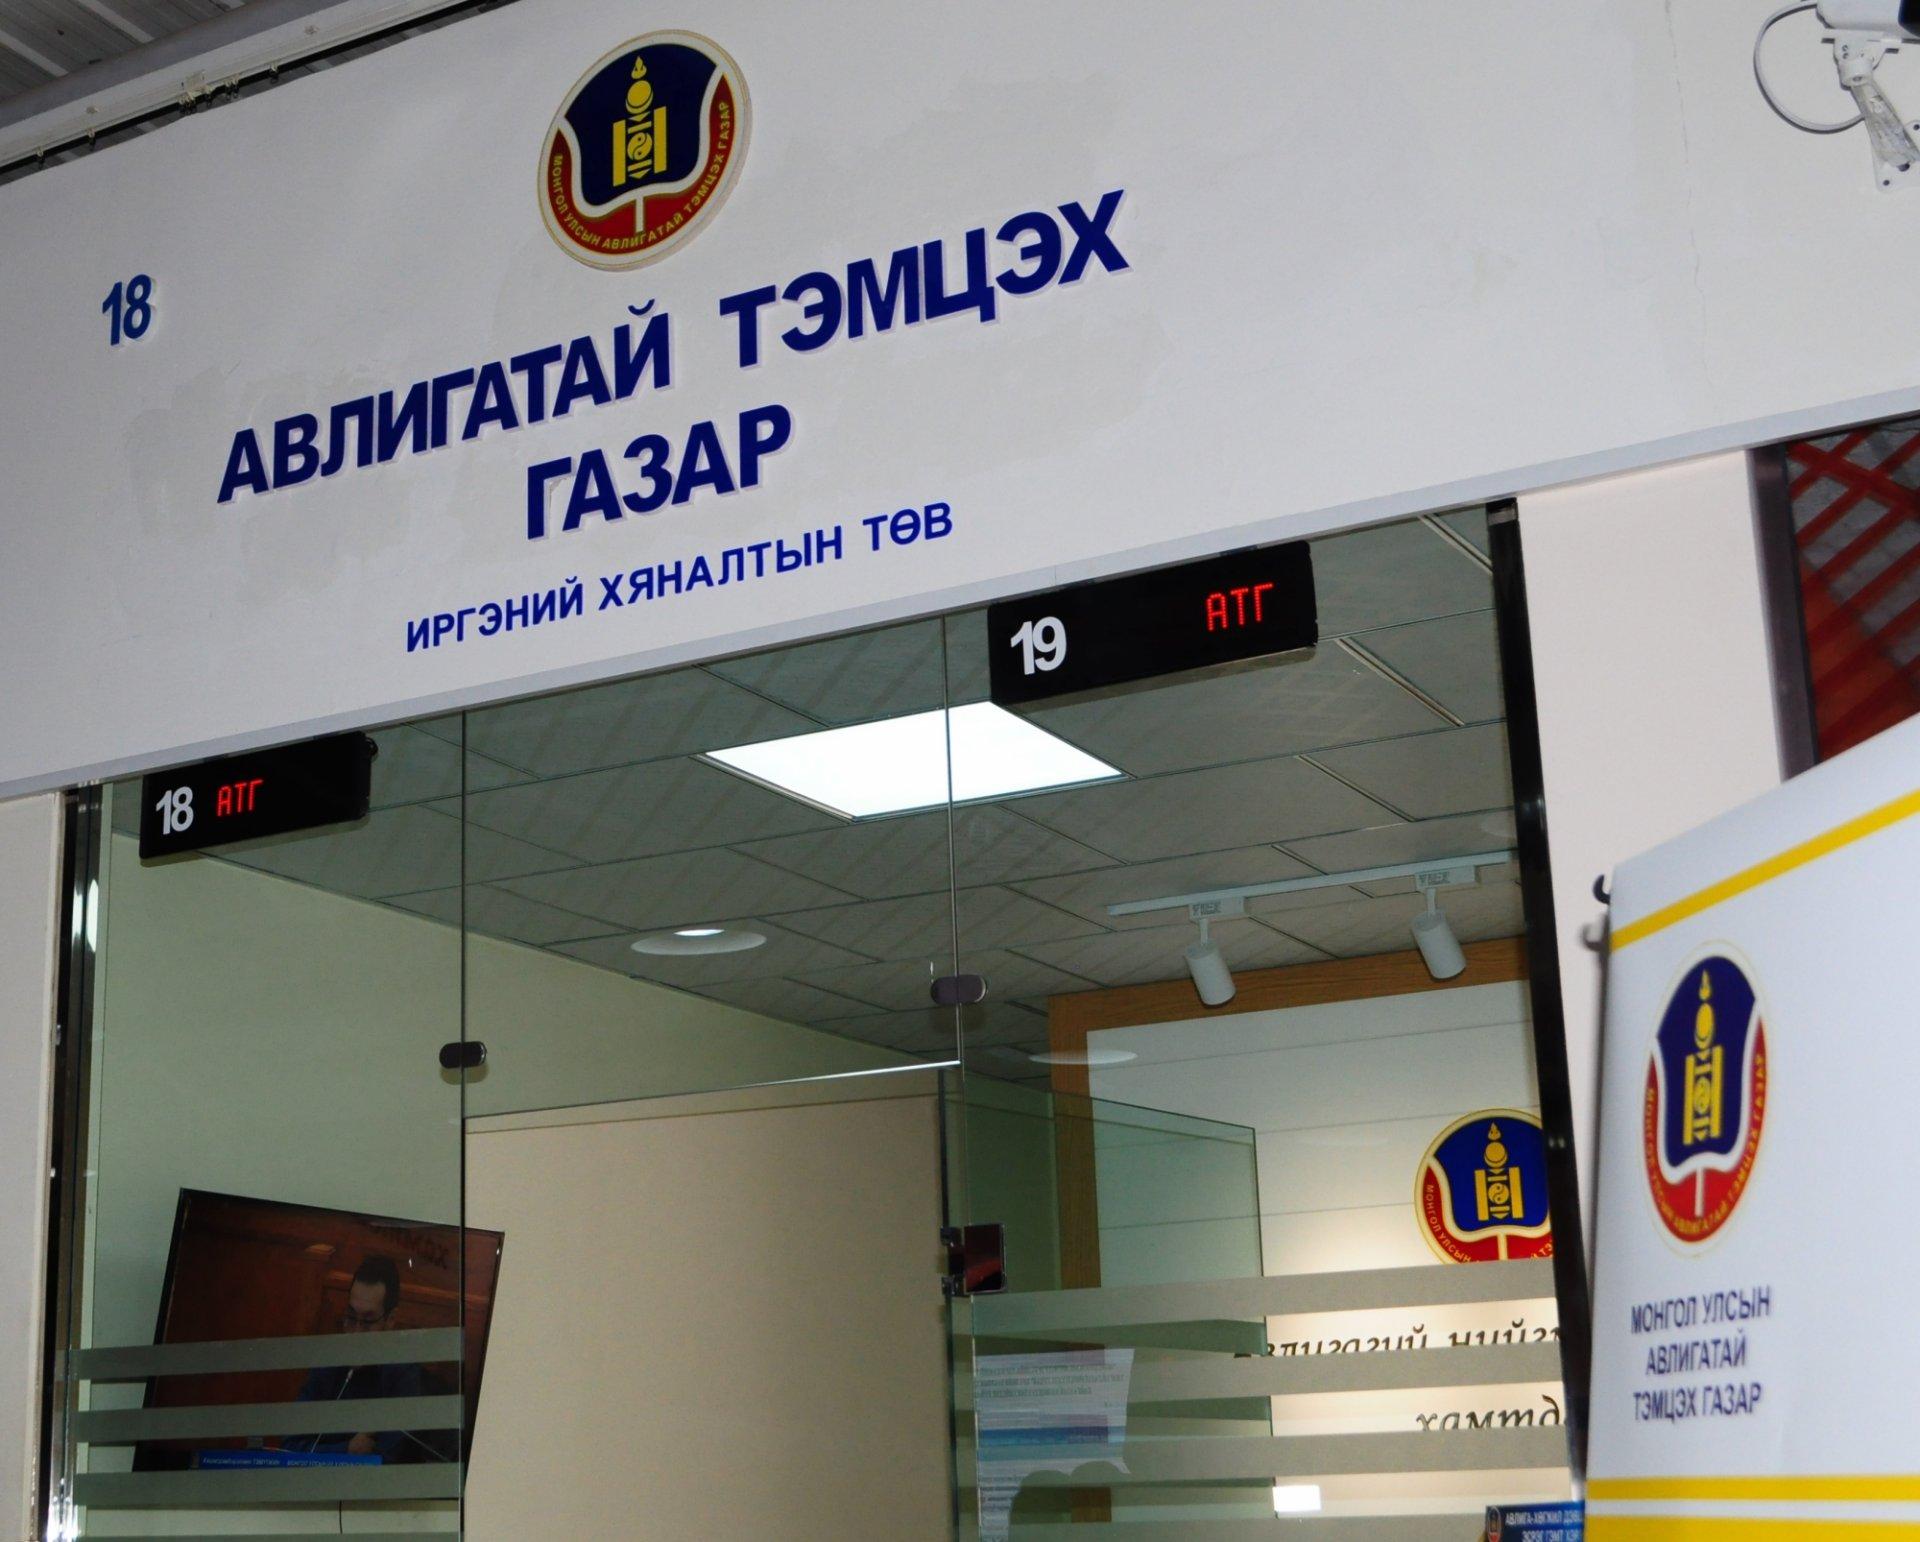 АТГ: Монгол Улсад авлига их тархсан институц нь ШҮҮХ, ГААЛЬ, МЭРГЭЖЛИЙН ХЯНАЛТЫН БАЙГУУЛЛАГА